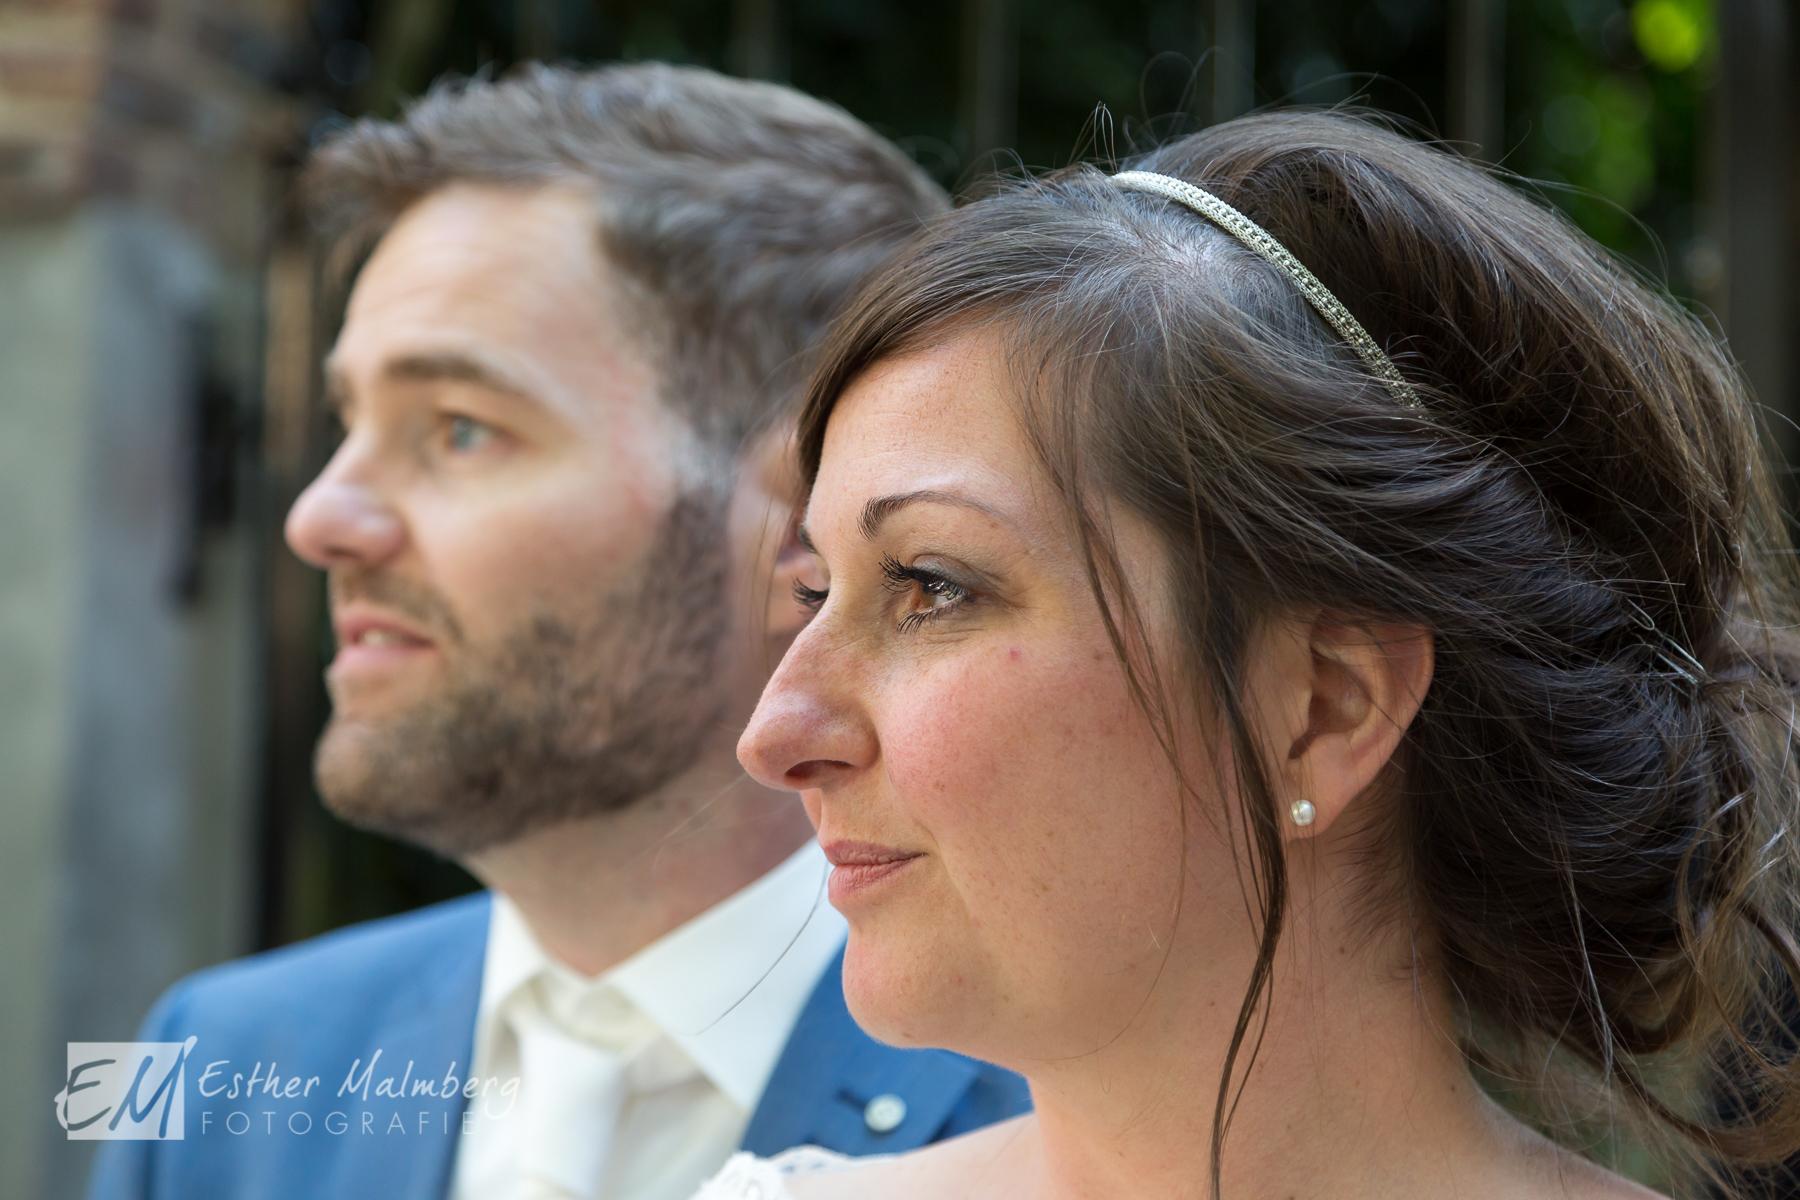 Bijzondere bruiloft in de tuin van museumcafé Gouda